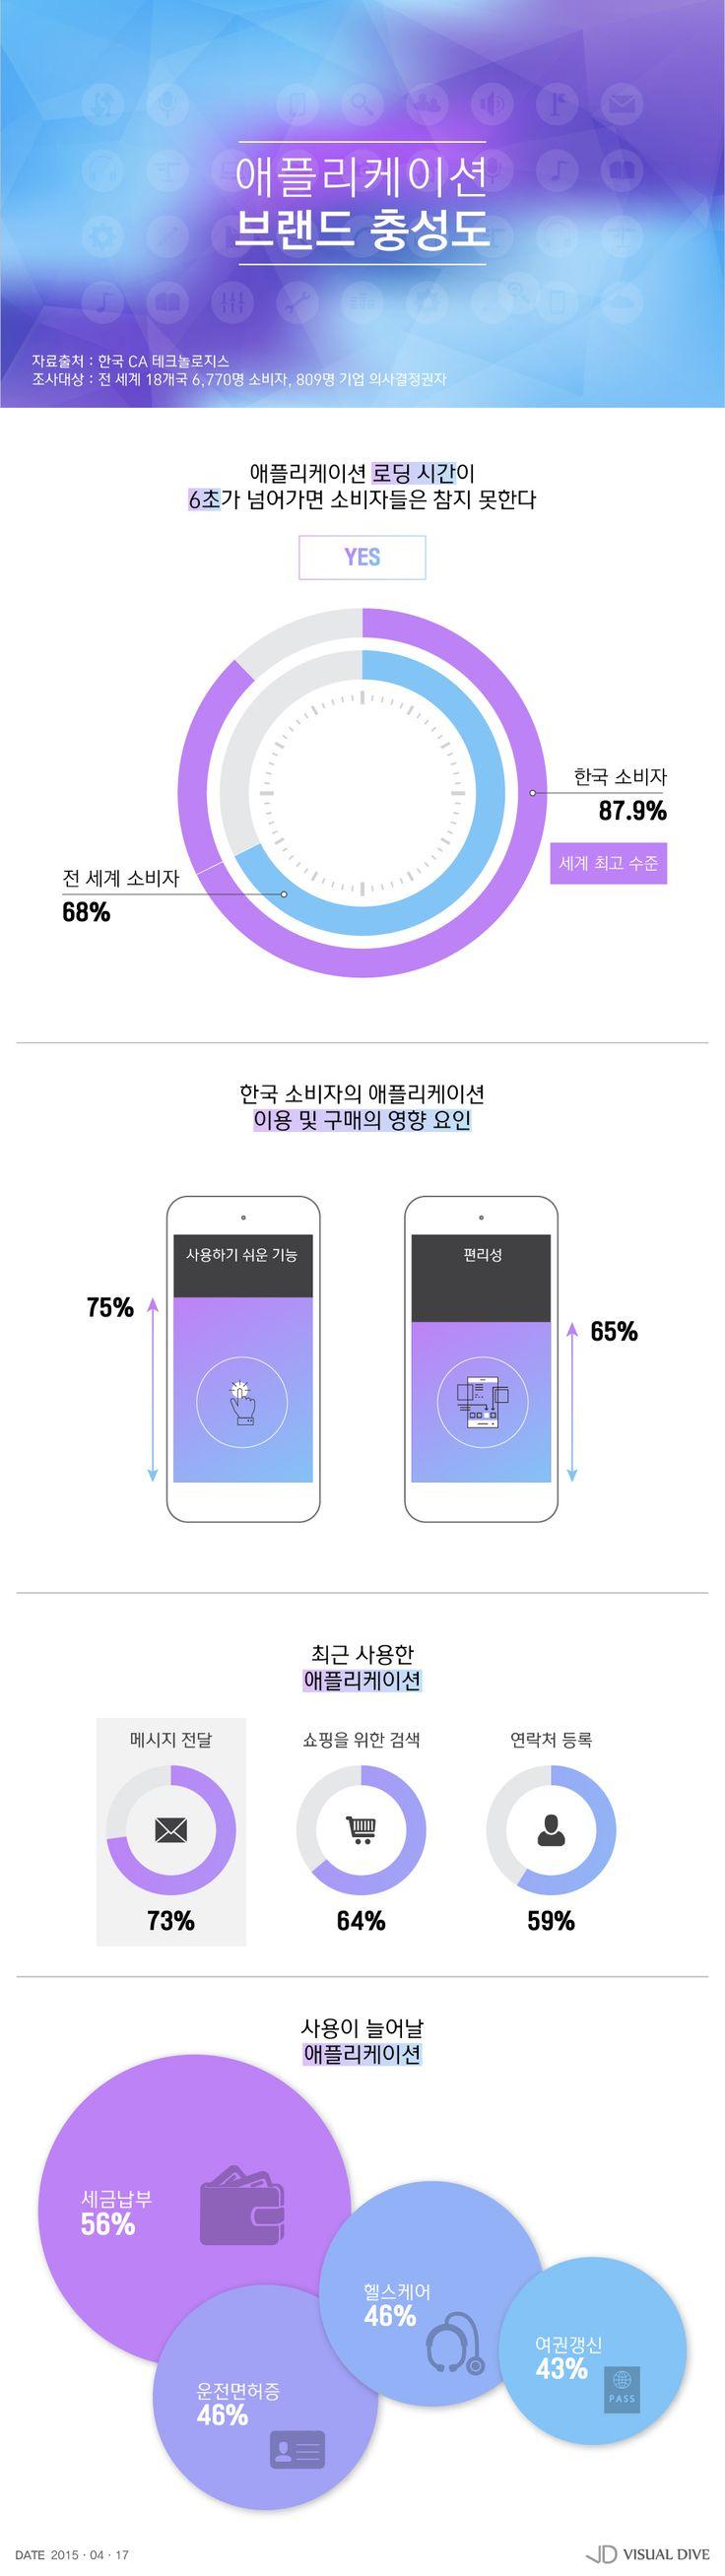 사용하기 쉬운 앱이 최고…로딩 속도는 '6초 미만' [인포그래픽] #application / #Infographic ⓒ 비주얼다이브 무단 복사·전재·재배포 금지